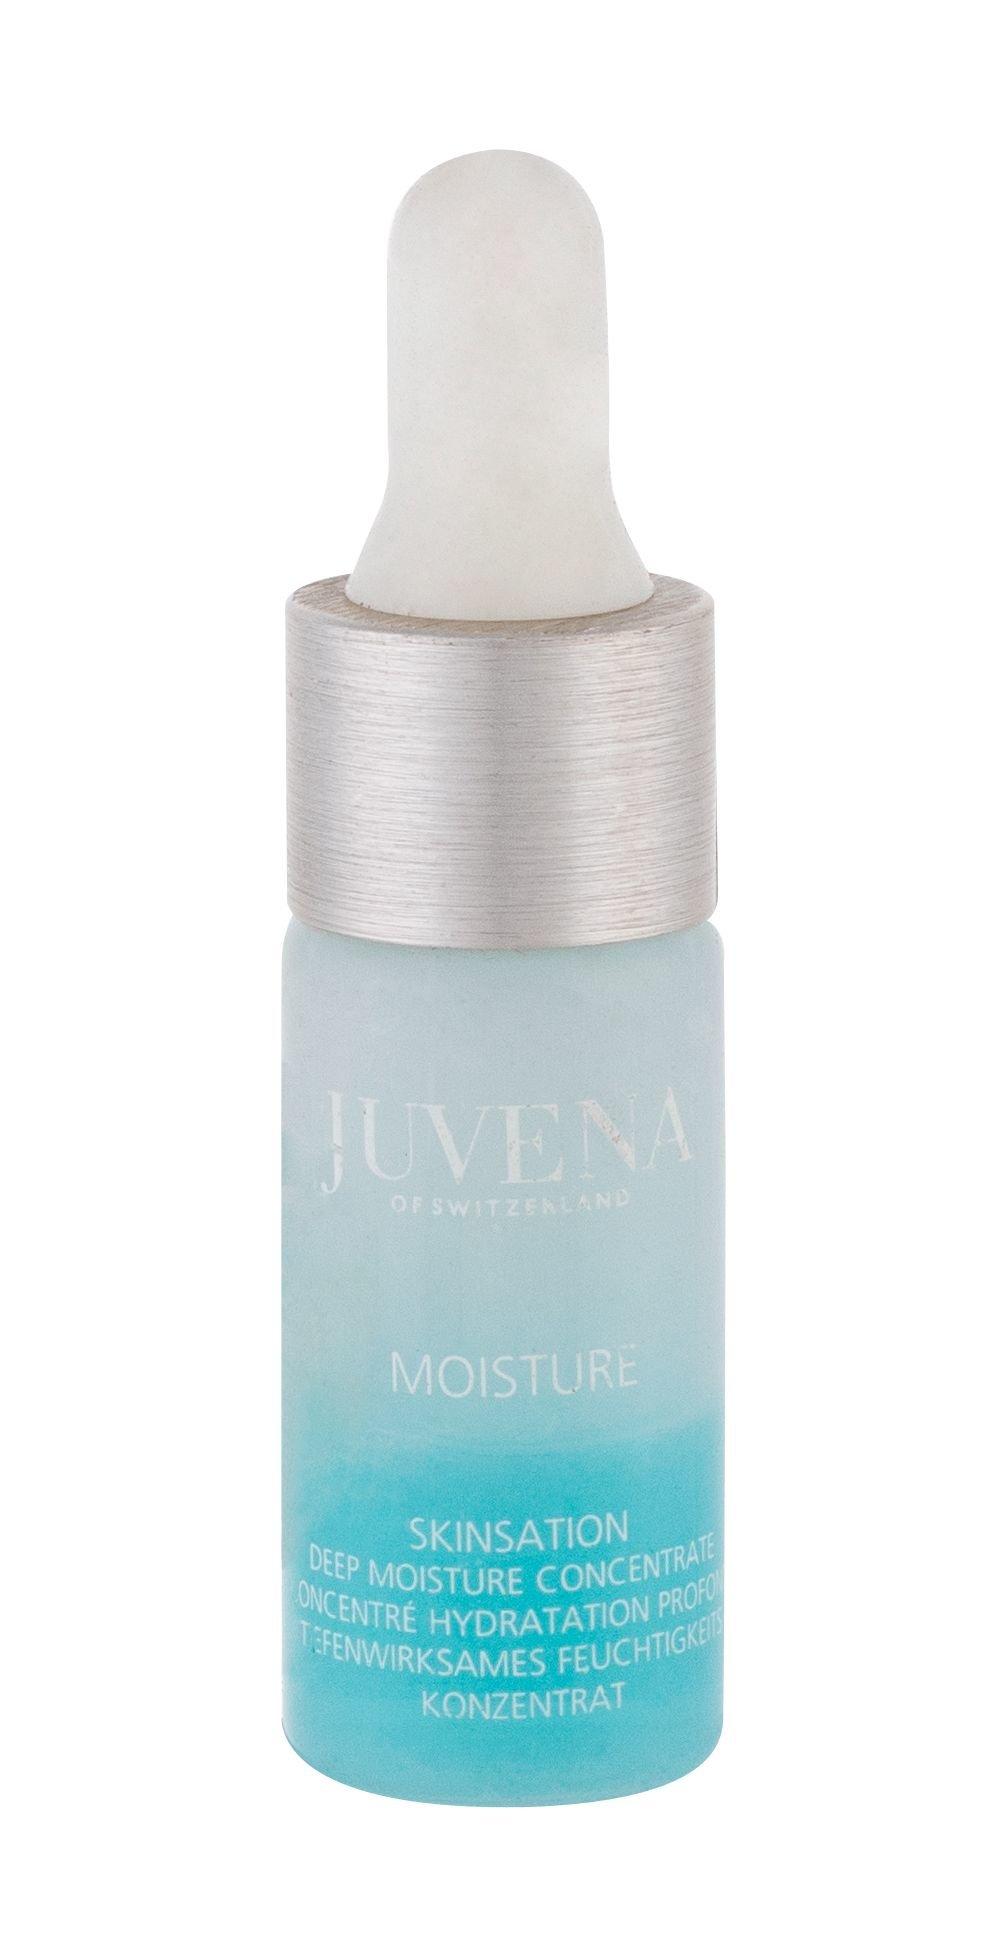 Juvena Skin Specialists Skin Serum 10ml  Skinsation